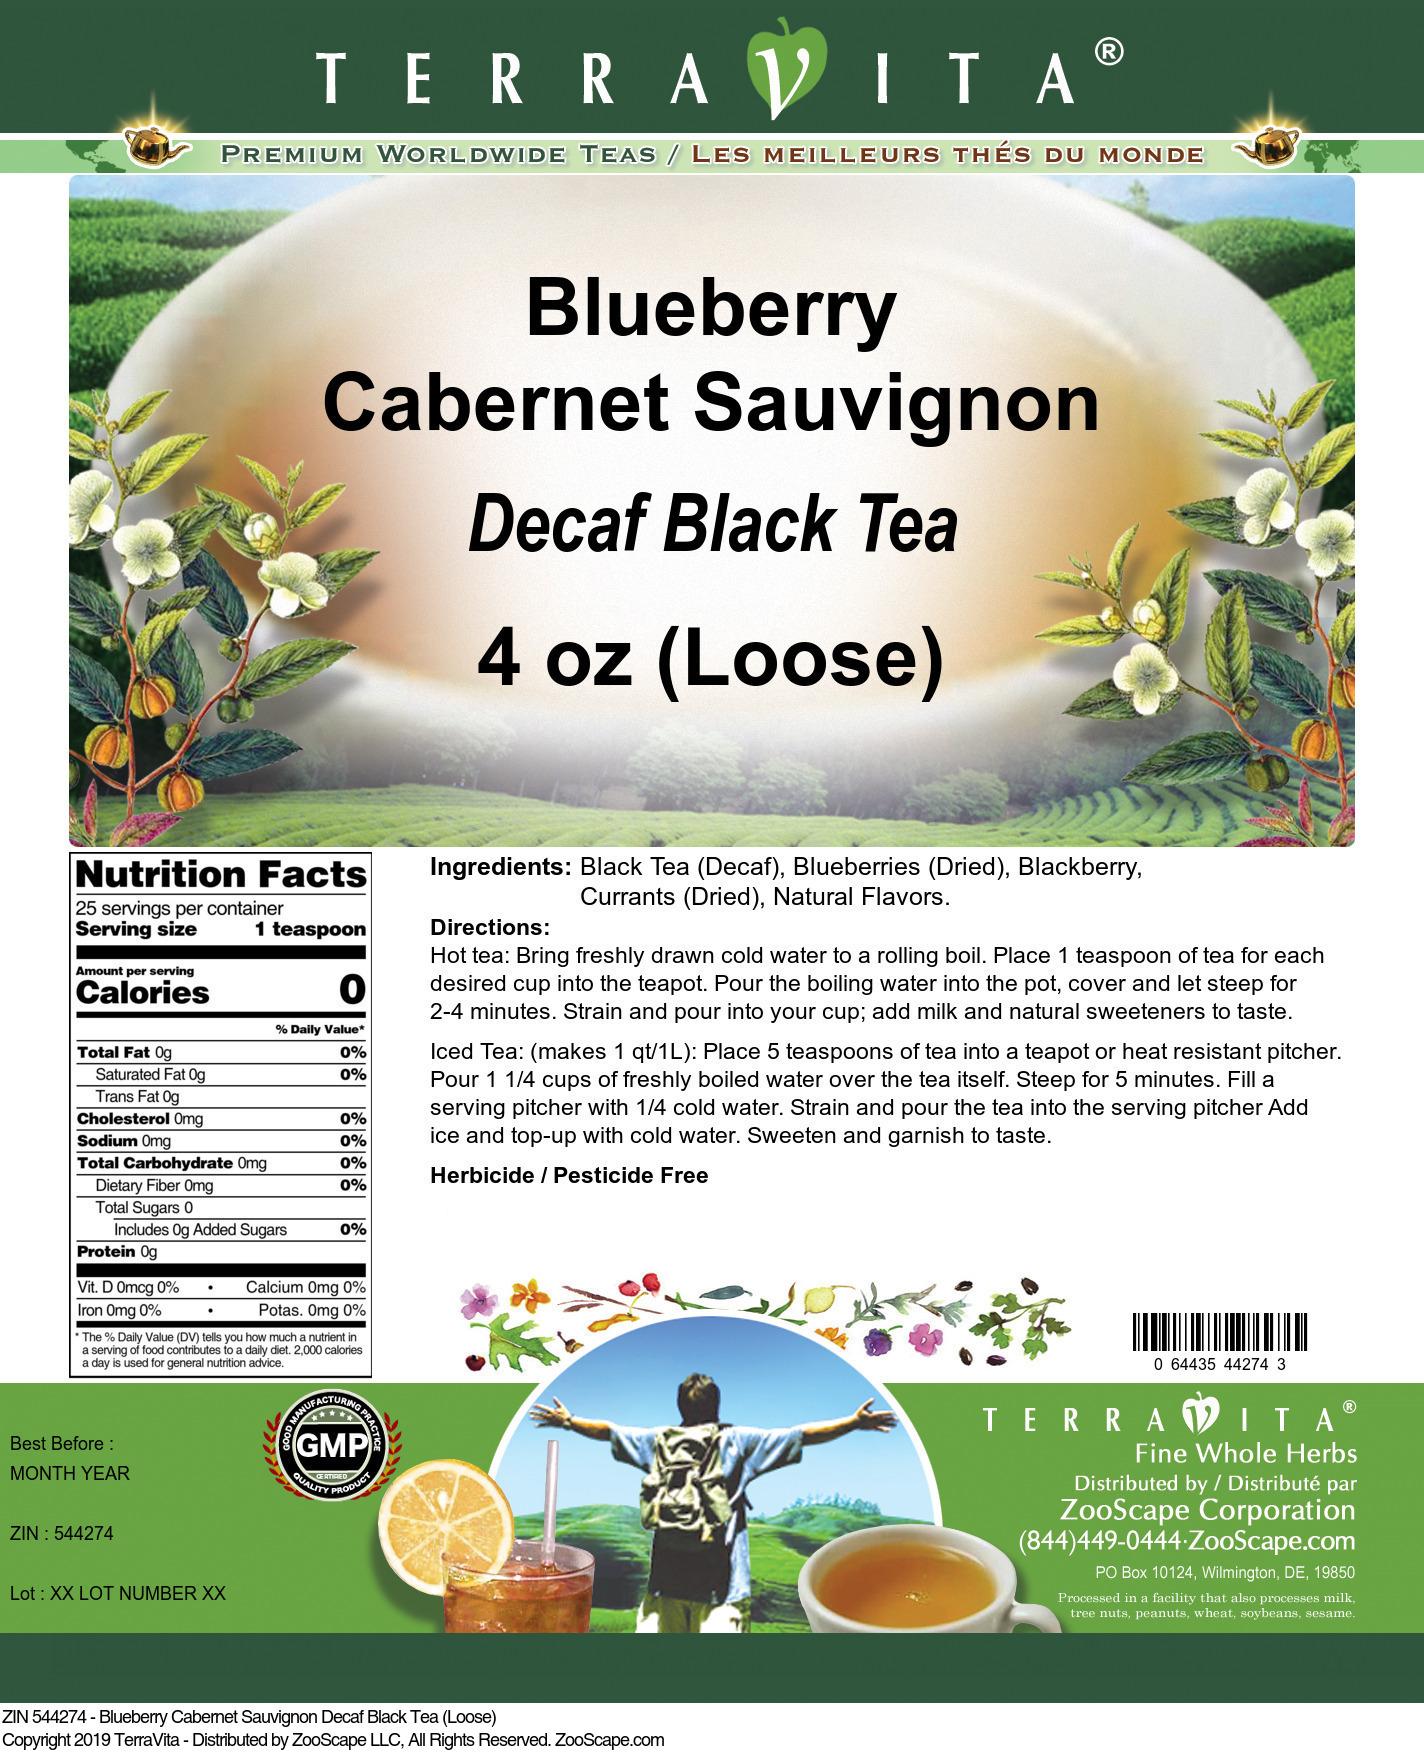 Blueberry Cabernet Sauvignon Decaf Black Tea (Loose)